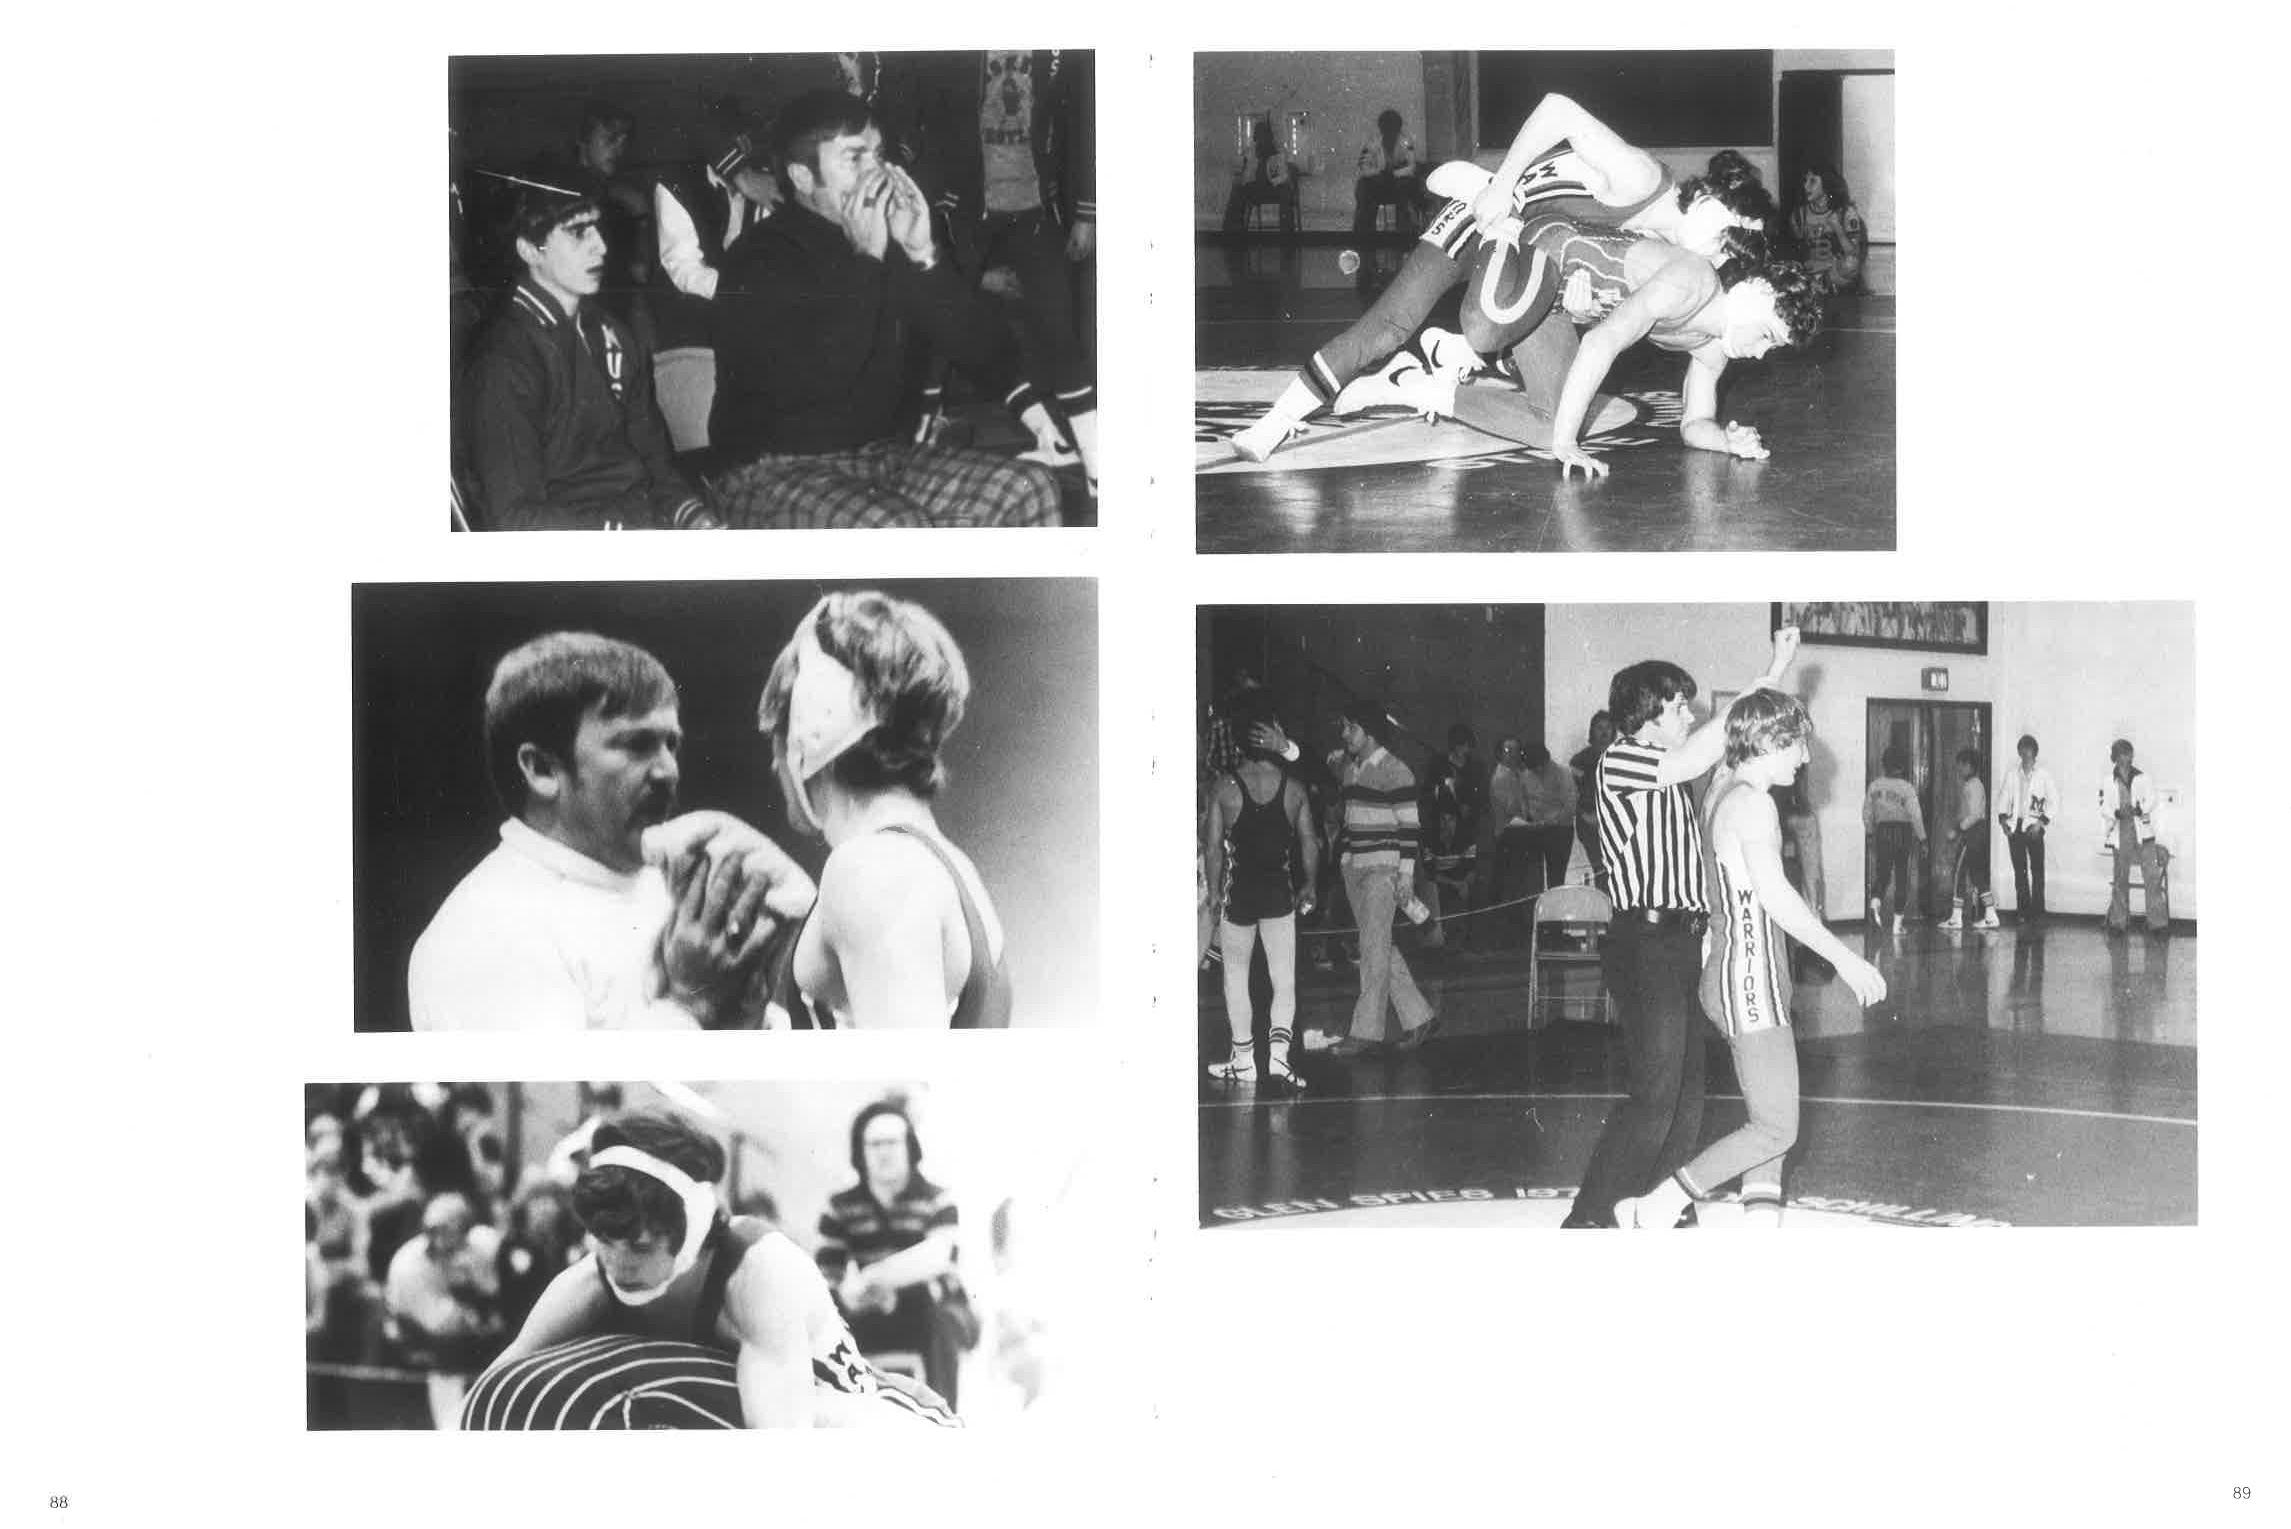 1979_Yearbook_88.jpg